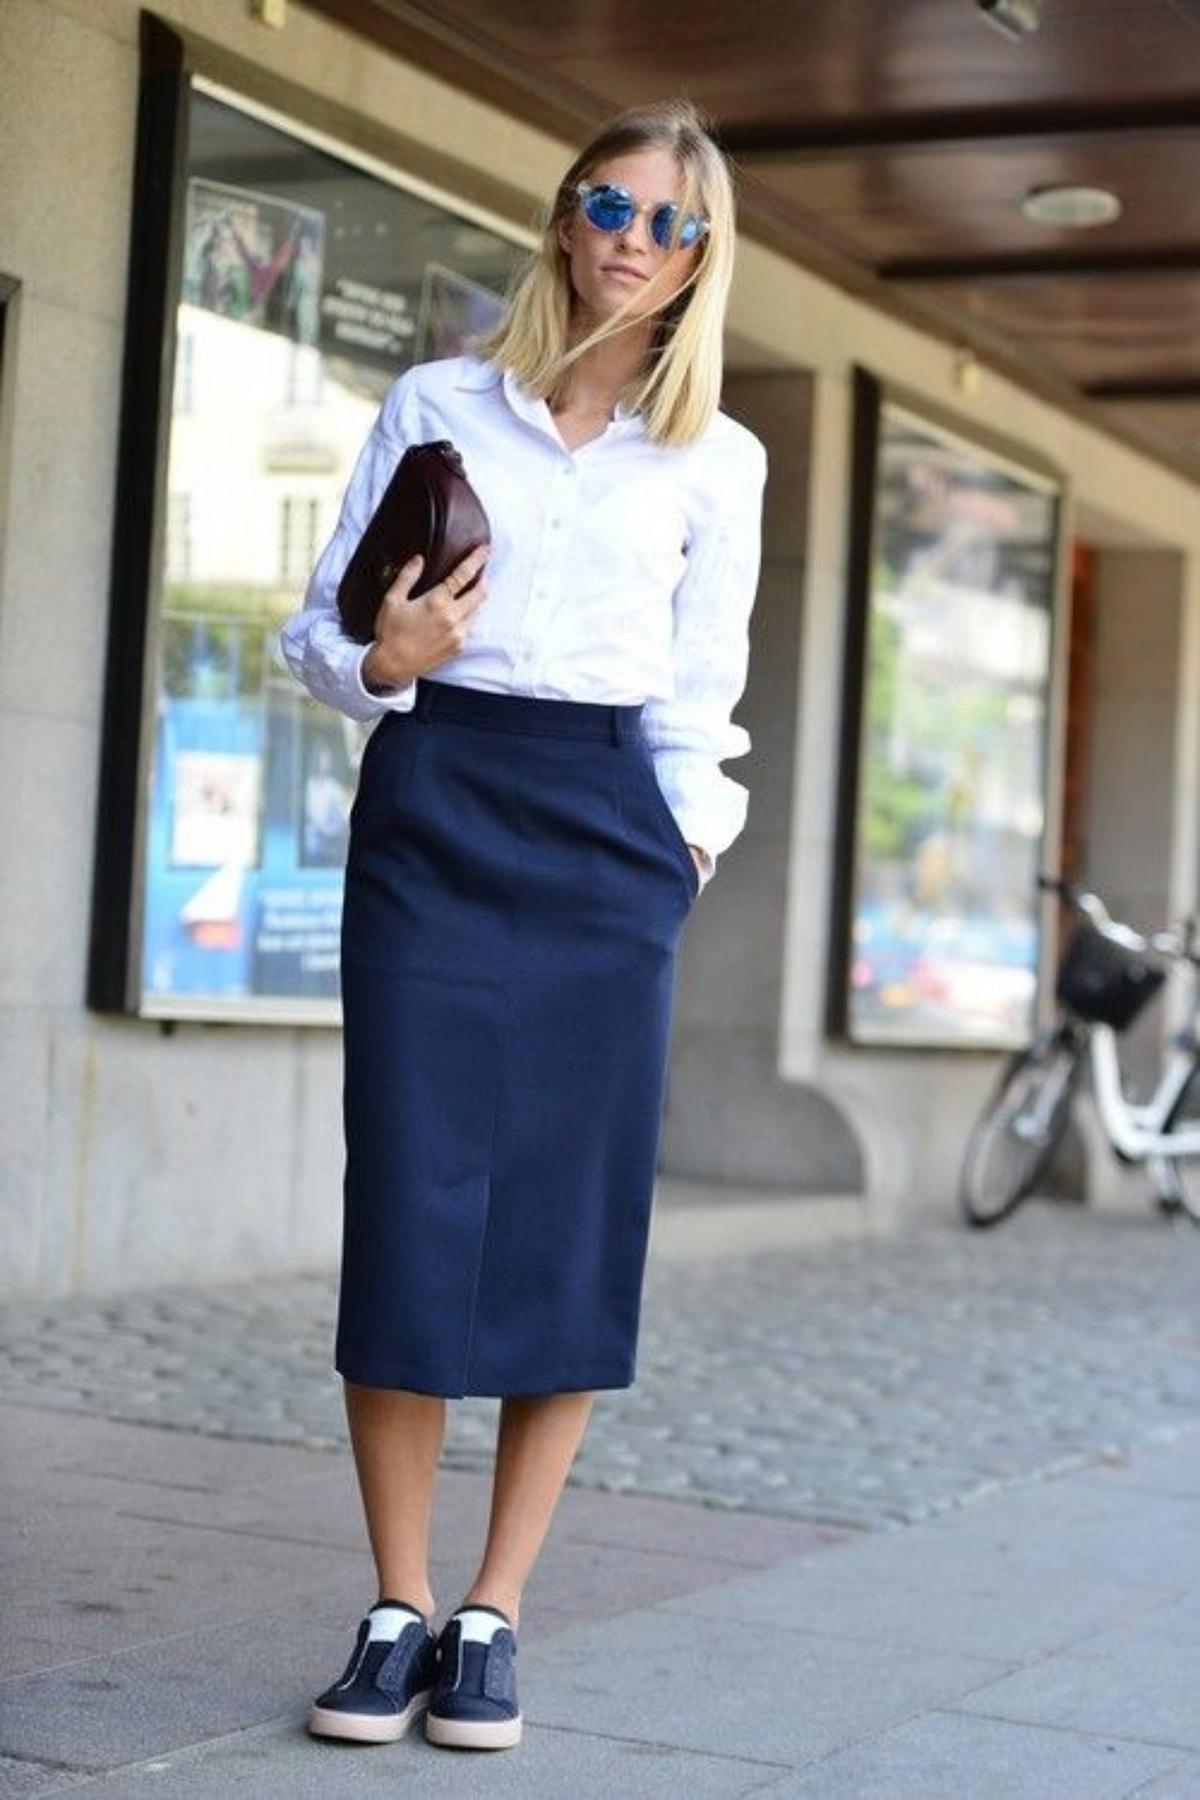 Синяя юбка-карандаш в повседневном образе